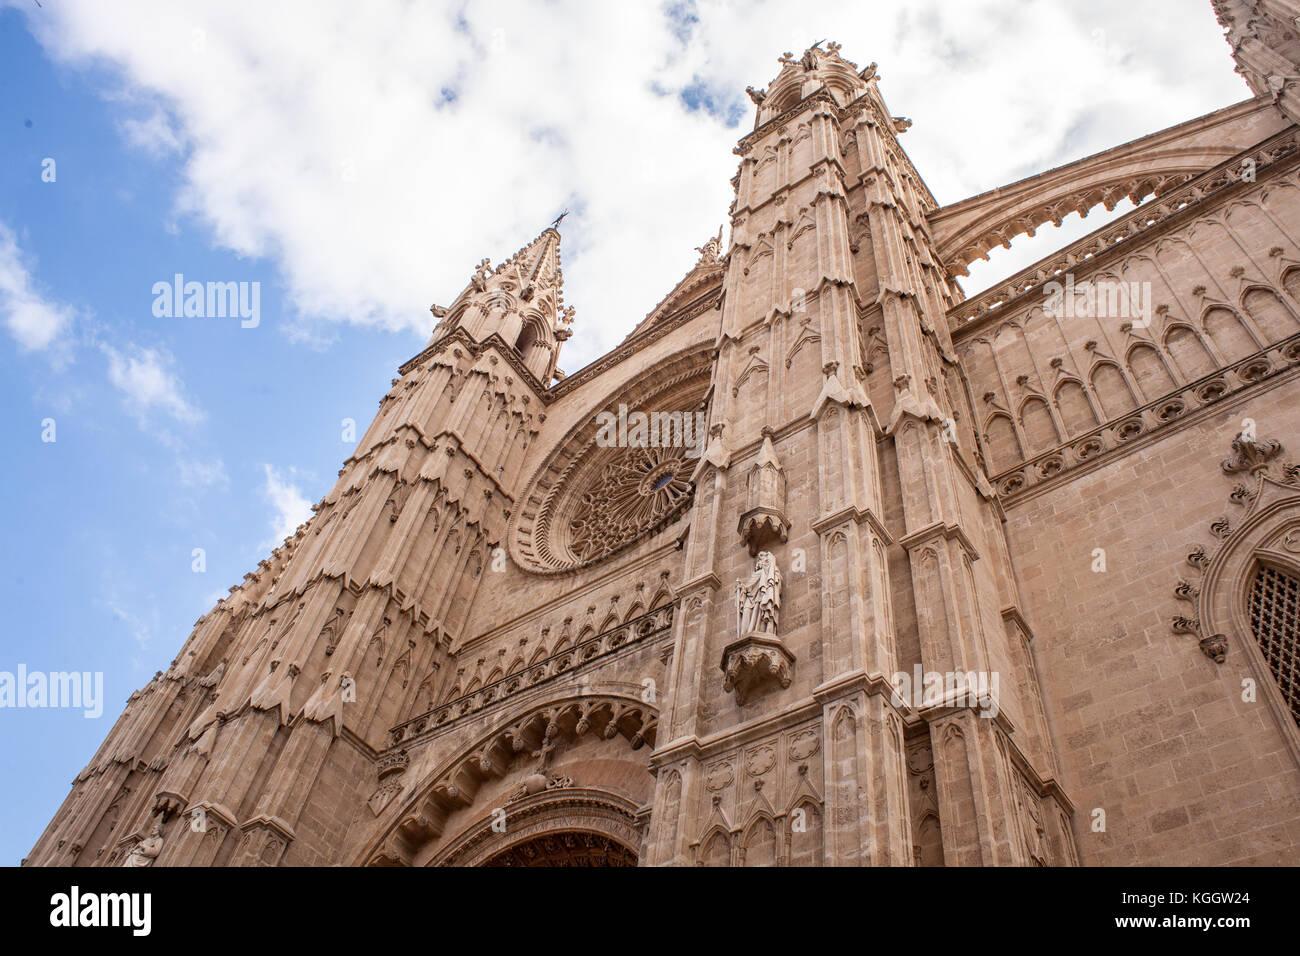 Cattedrale le seu in palma de mallorca, una popolare destinazione turistica, contro un cielo blu con nuvole Immagini Stock